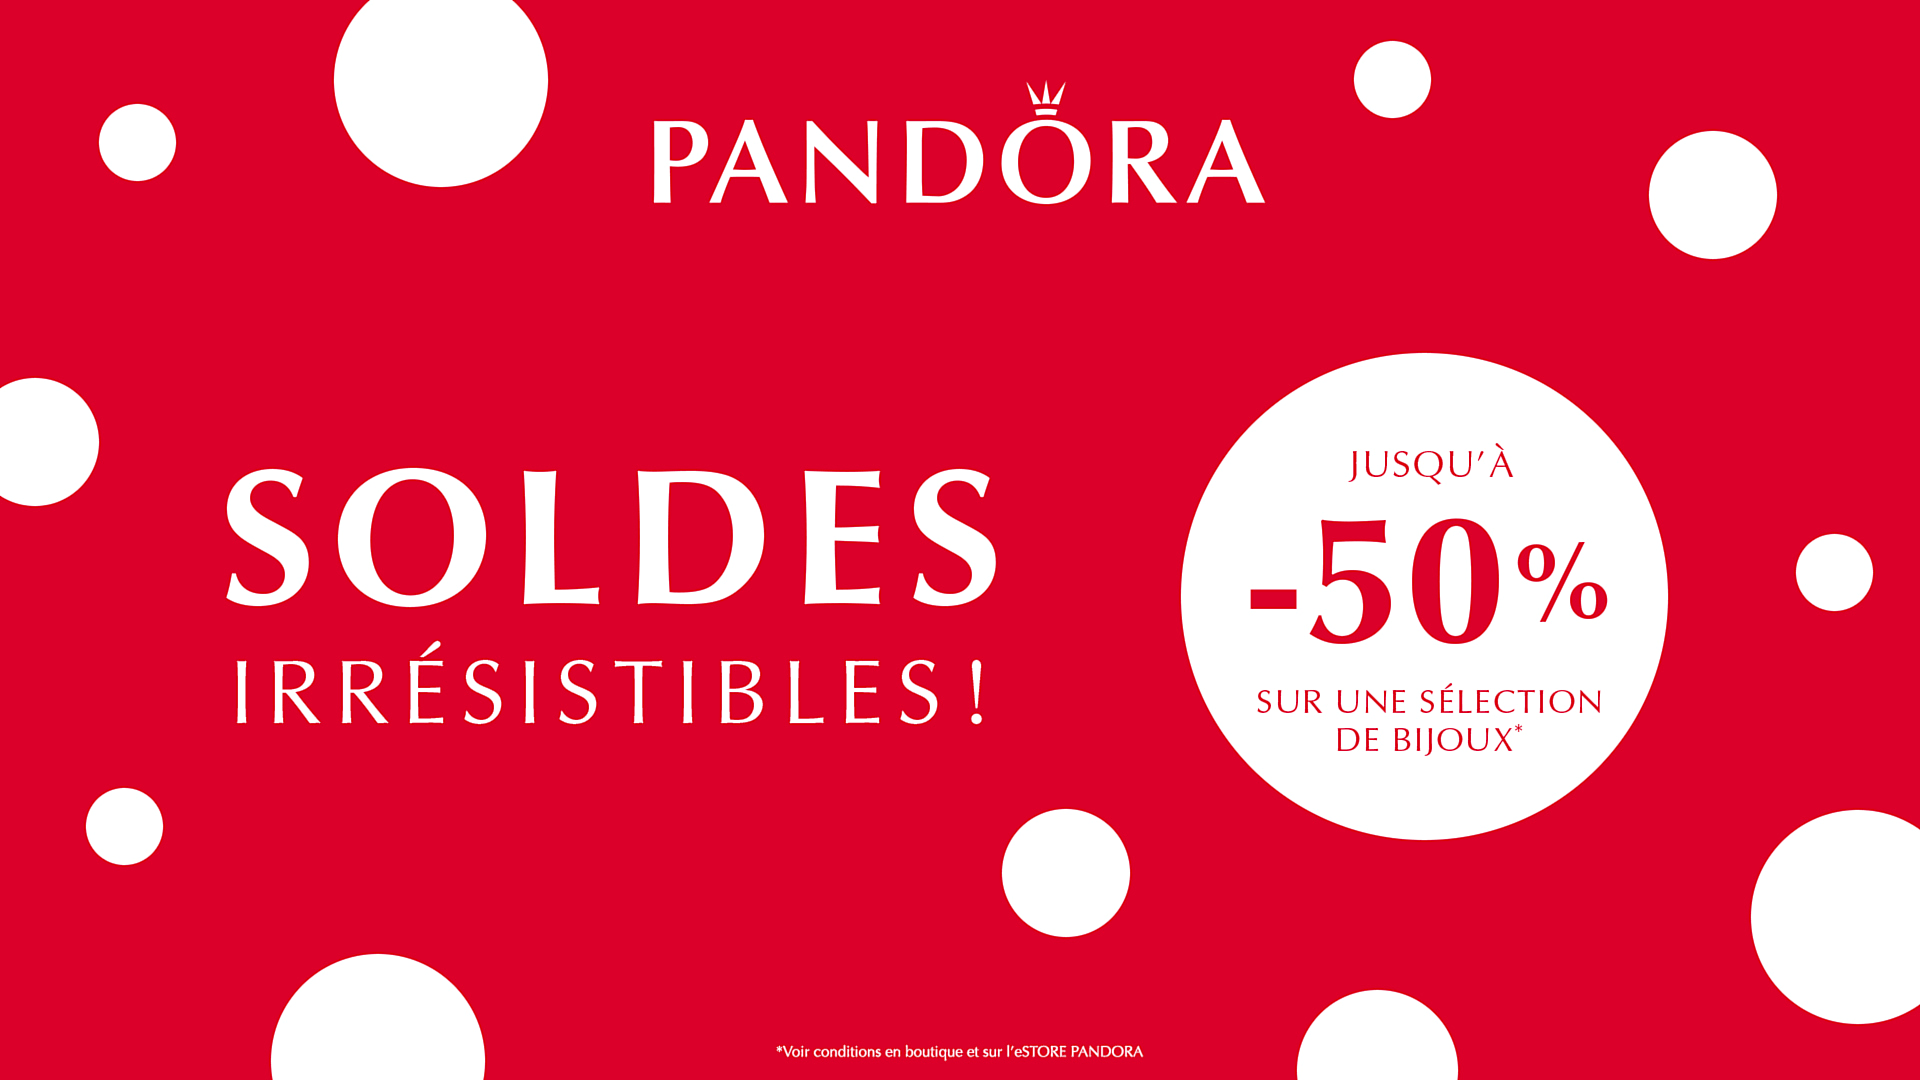 Pandora - SOLDES IRRÉSISTIBLES PANDORA ! | Centre Commercial ...